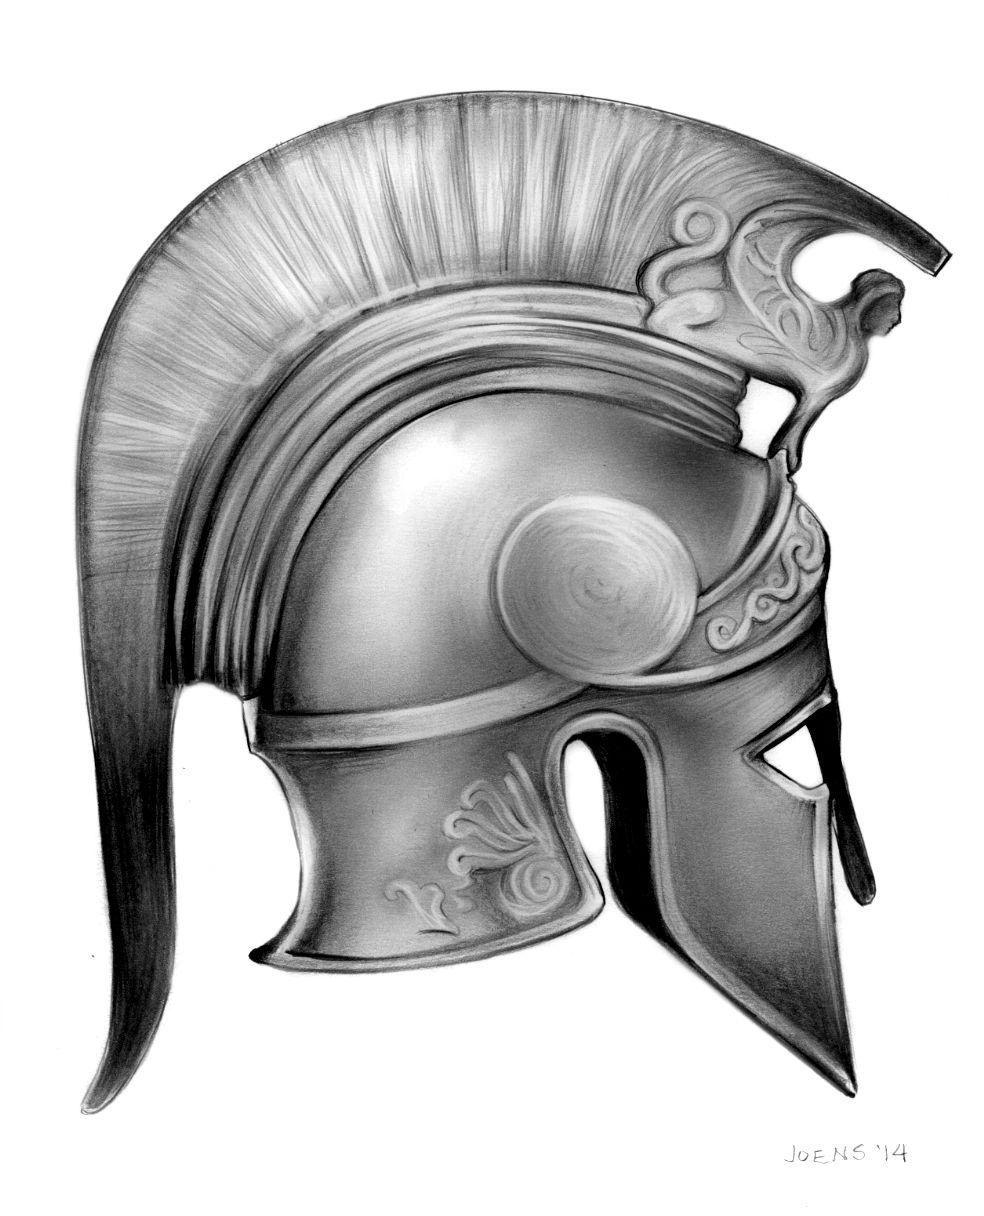 337a053ee Greek Helmet by gregchapin.deviantart.com on @deviantART | Still ...